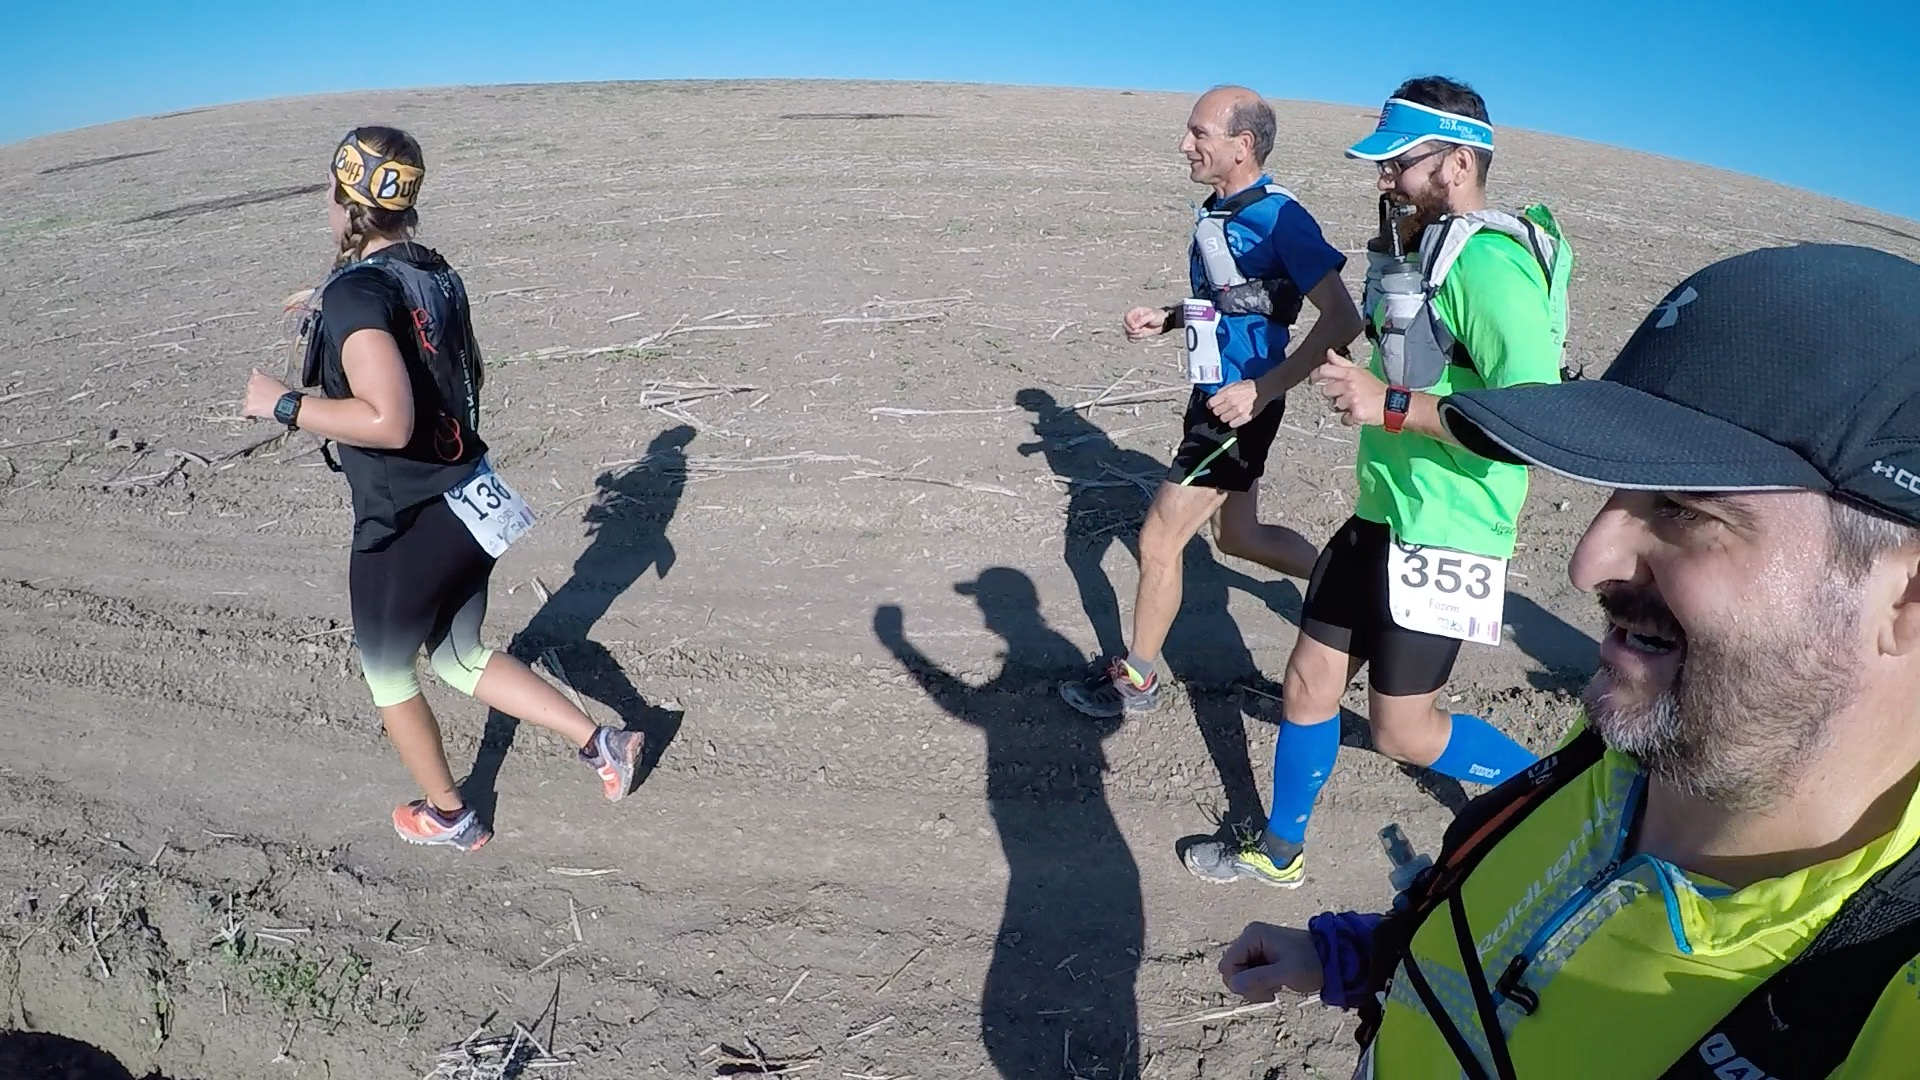 Compartiendo los primeros kms con Chris, Kiko y Emilio